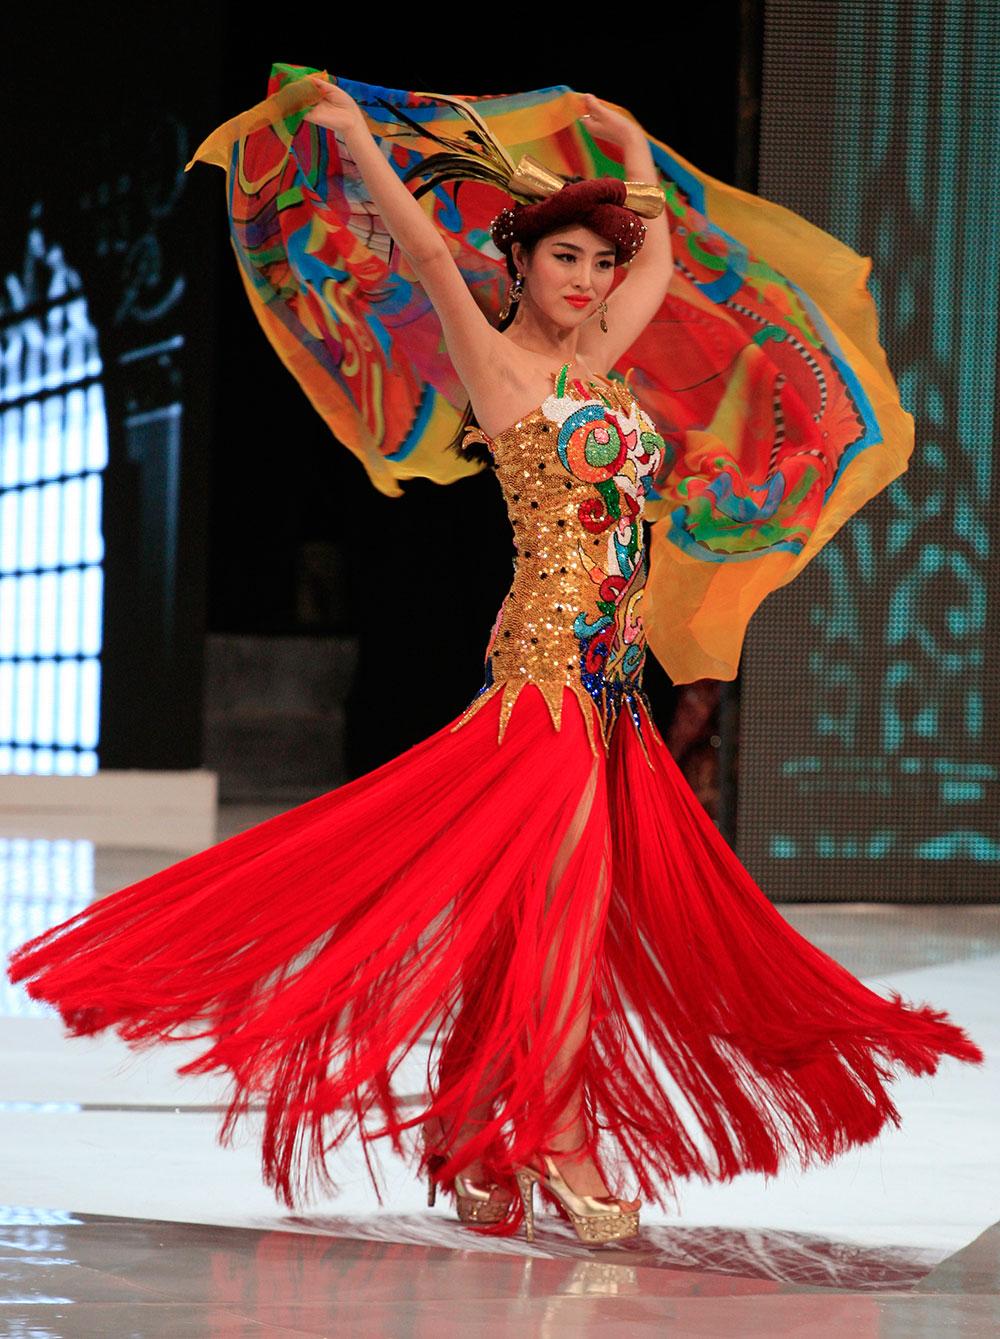 मिस वर्ल्ड फैशन शो के मौके पर प्रदर्शन करती मिस चीन वे वे यू।